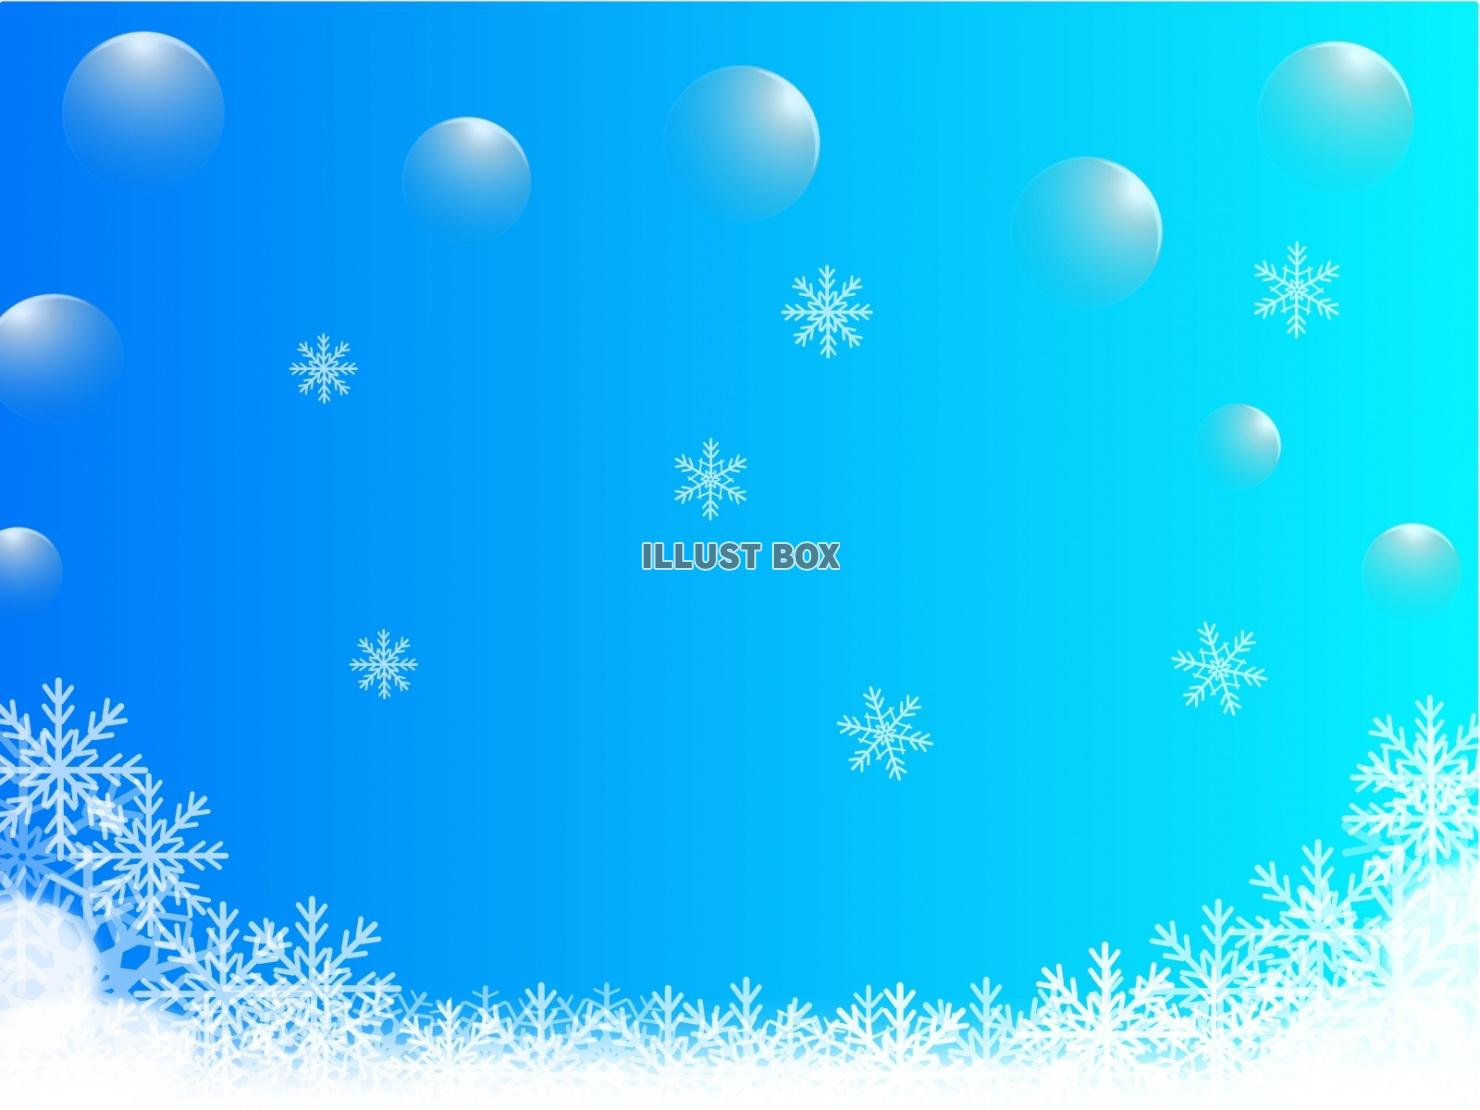 無料イラスト クリスマス 冬 背景(ロゴなしブルー)&しゃぼん玉